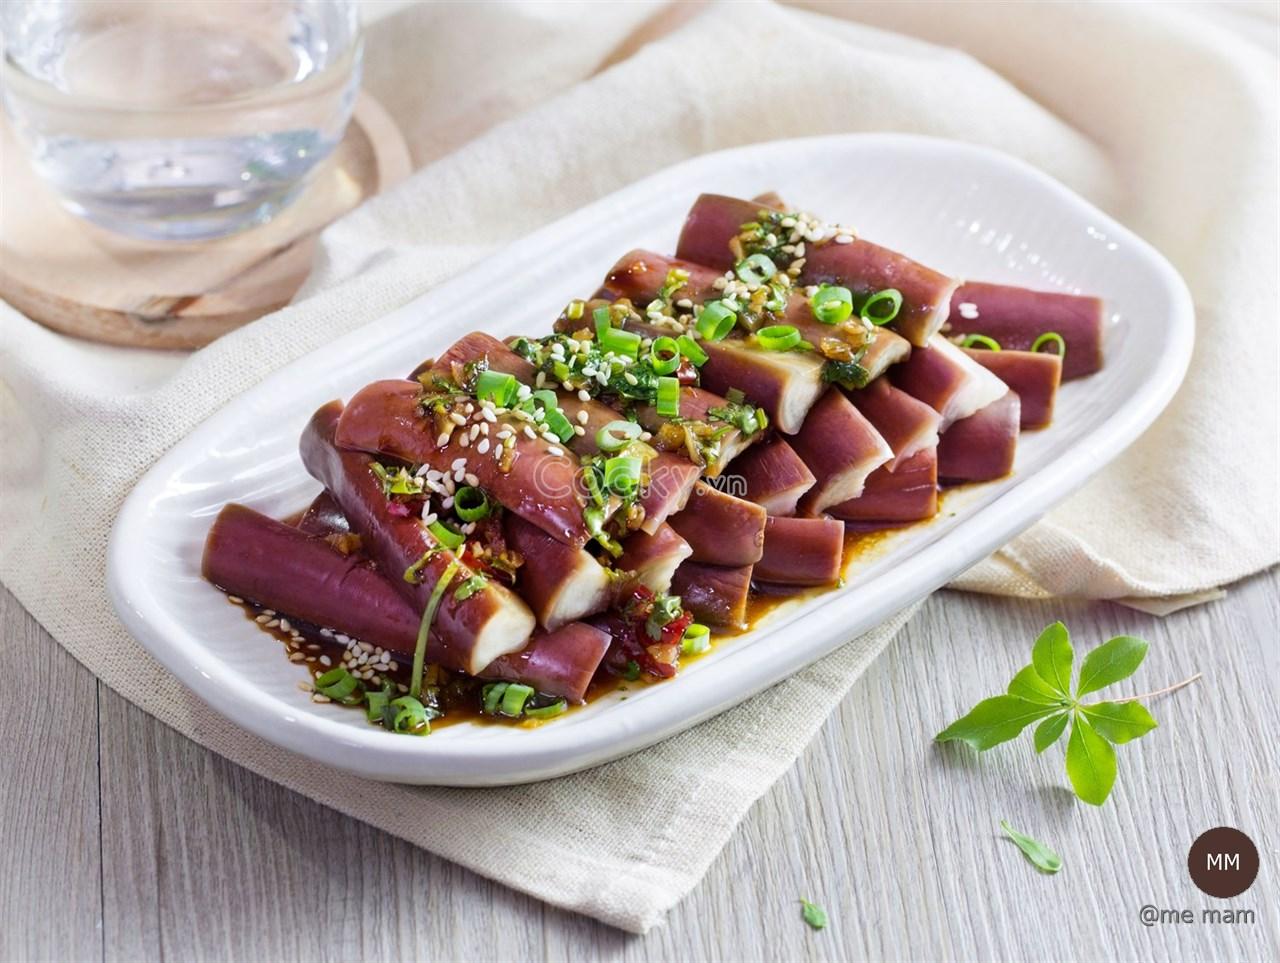 Gợi ý 6 món ăn dành cho người cao huyết áp đầy bổ dưỡng và thơm ngon